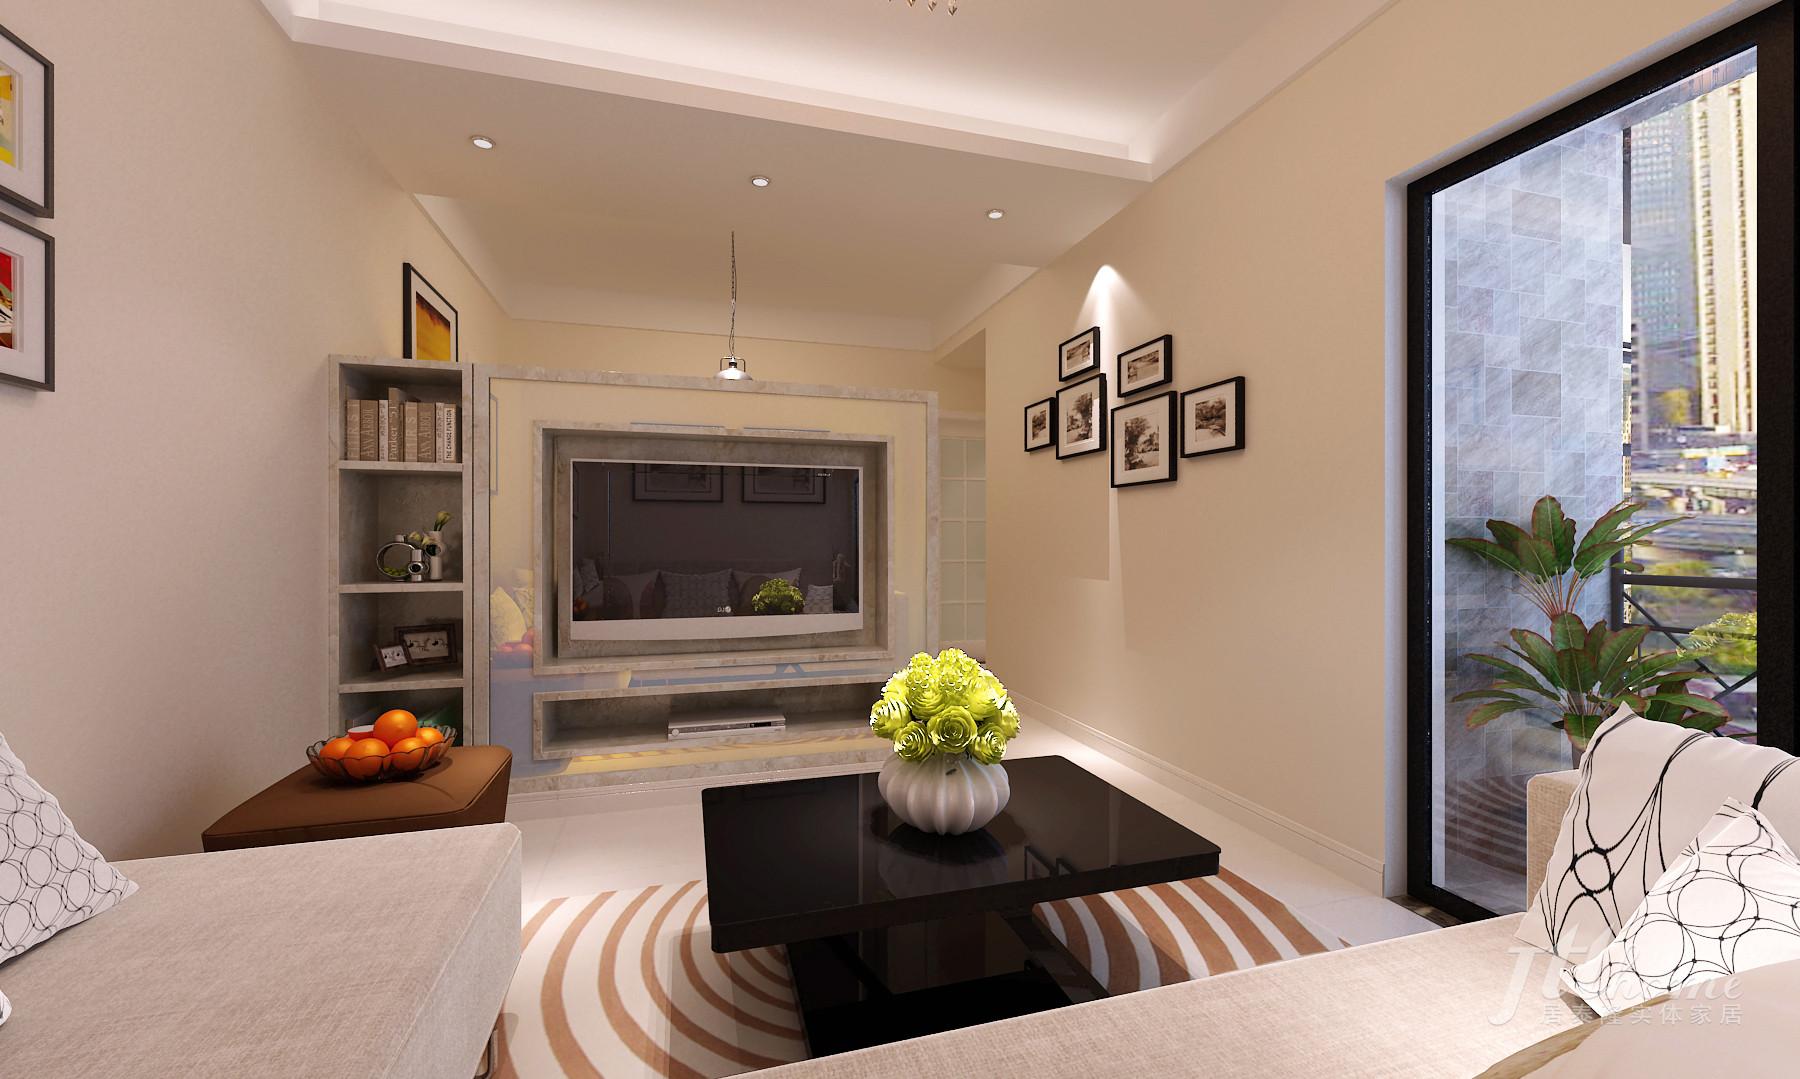 简约 二居 温馨 舒适 宜居 客厅图片来自居泰隆深圳在振业天峦 现代简约 二居室的分享